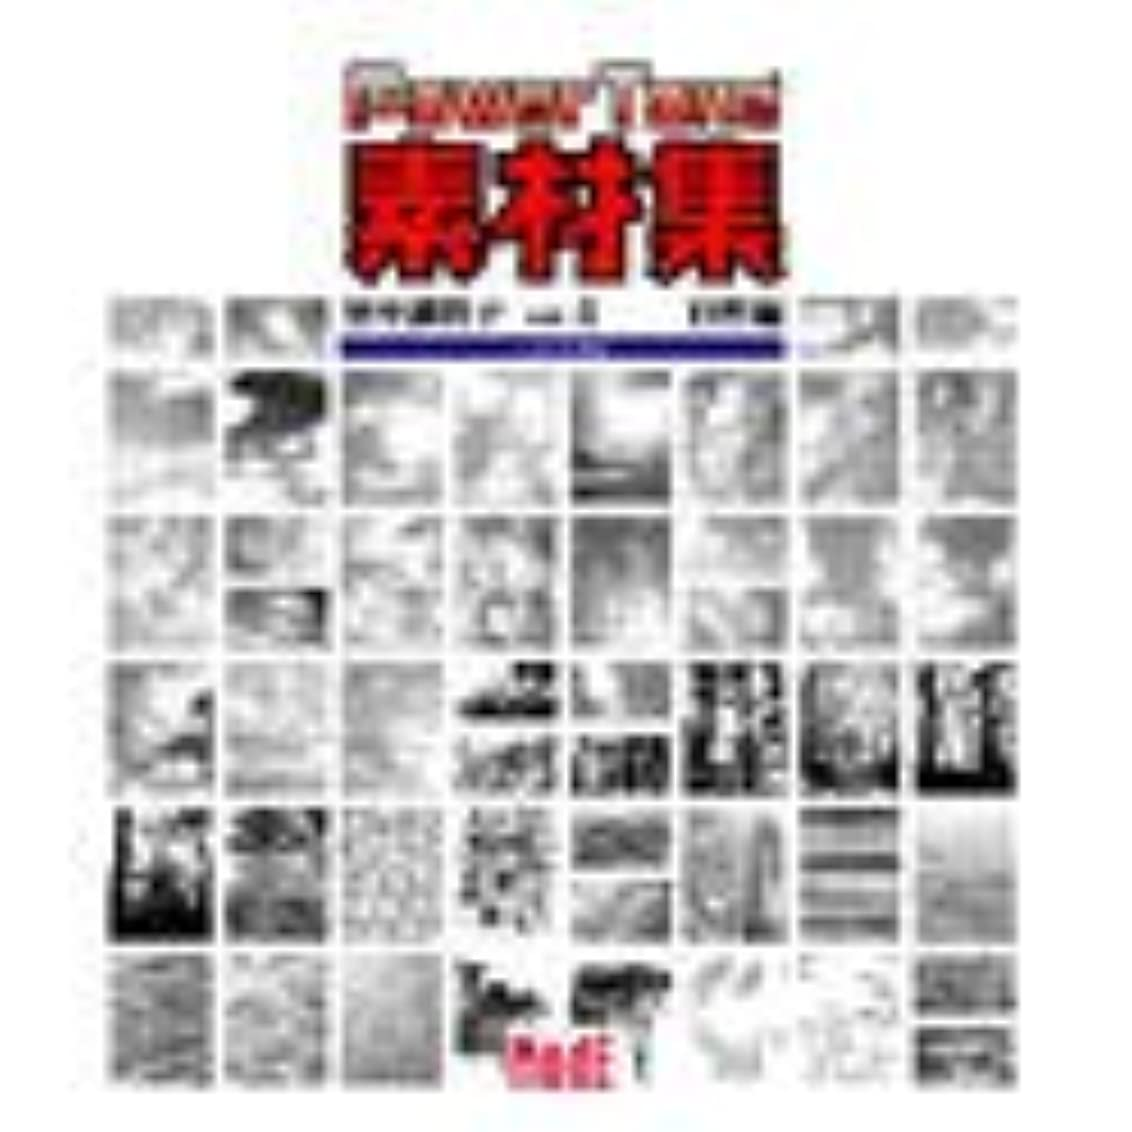 ドライバ質量ワゴンPower Tone 素材集 里中満智子 Vol.5 自然編